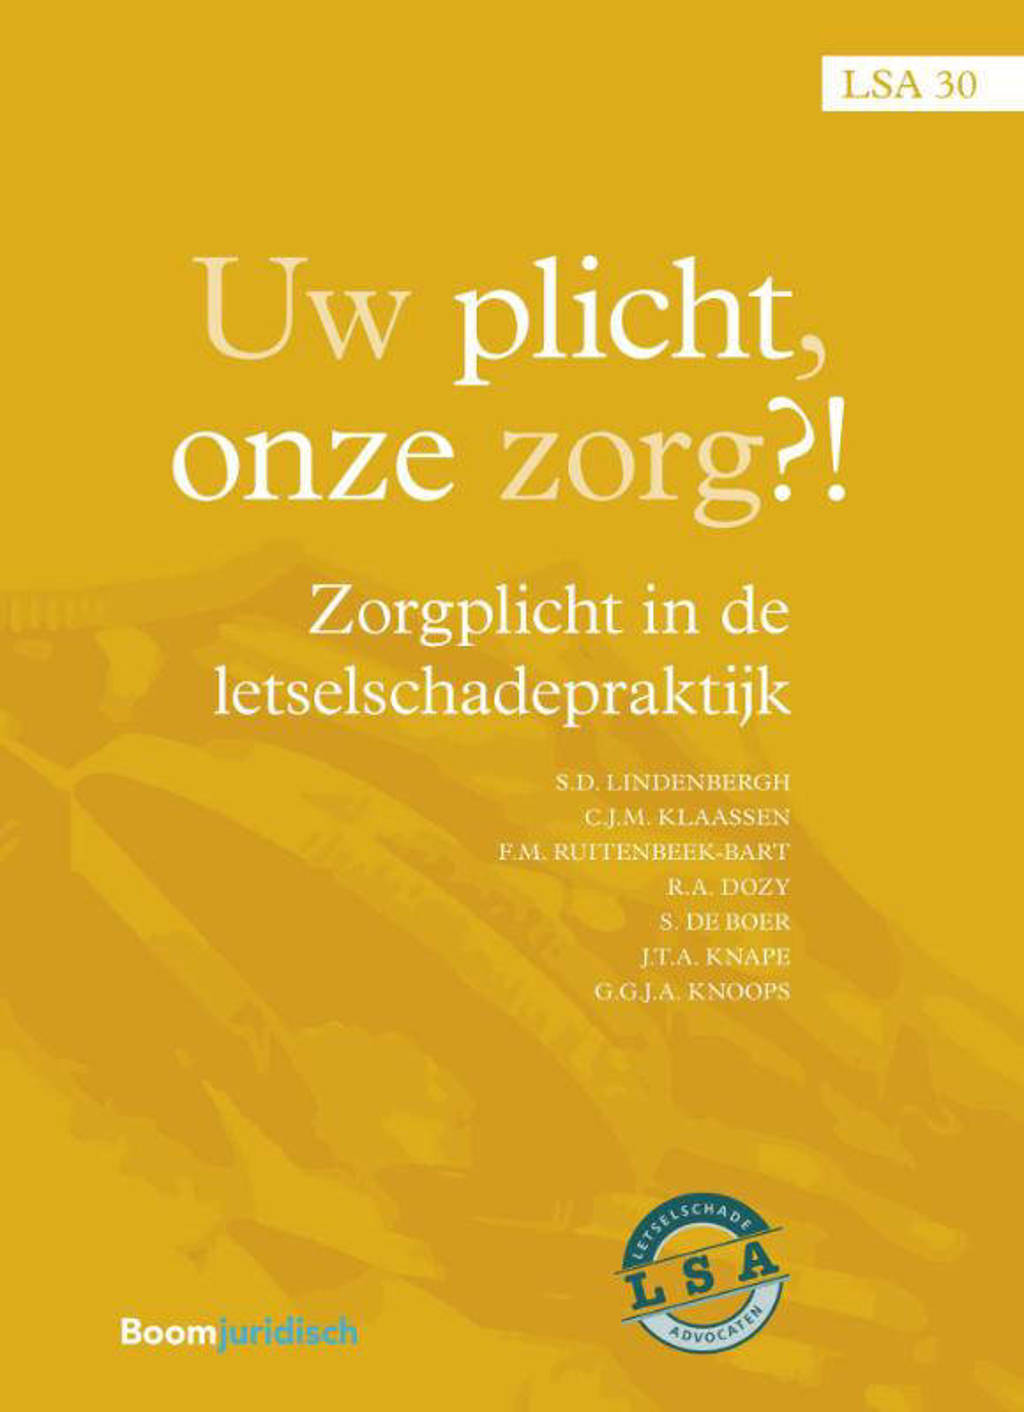 LSA-reeks: Uw plicht, onze zorg?! - Siewert Lindenbergh, Carla Klaassen, Femke Ruitenbeek-Bart, e.a.